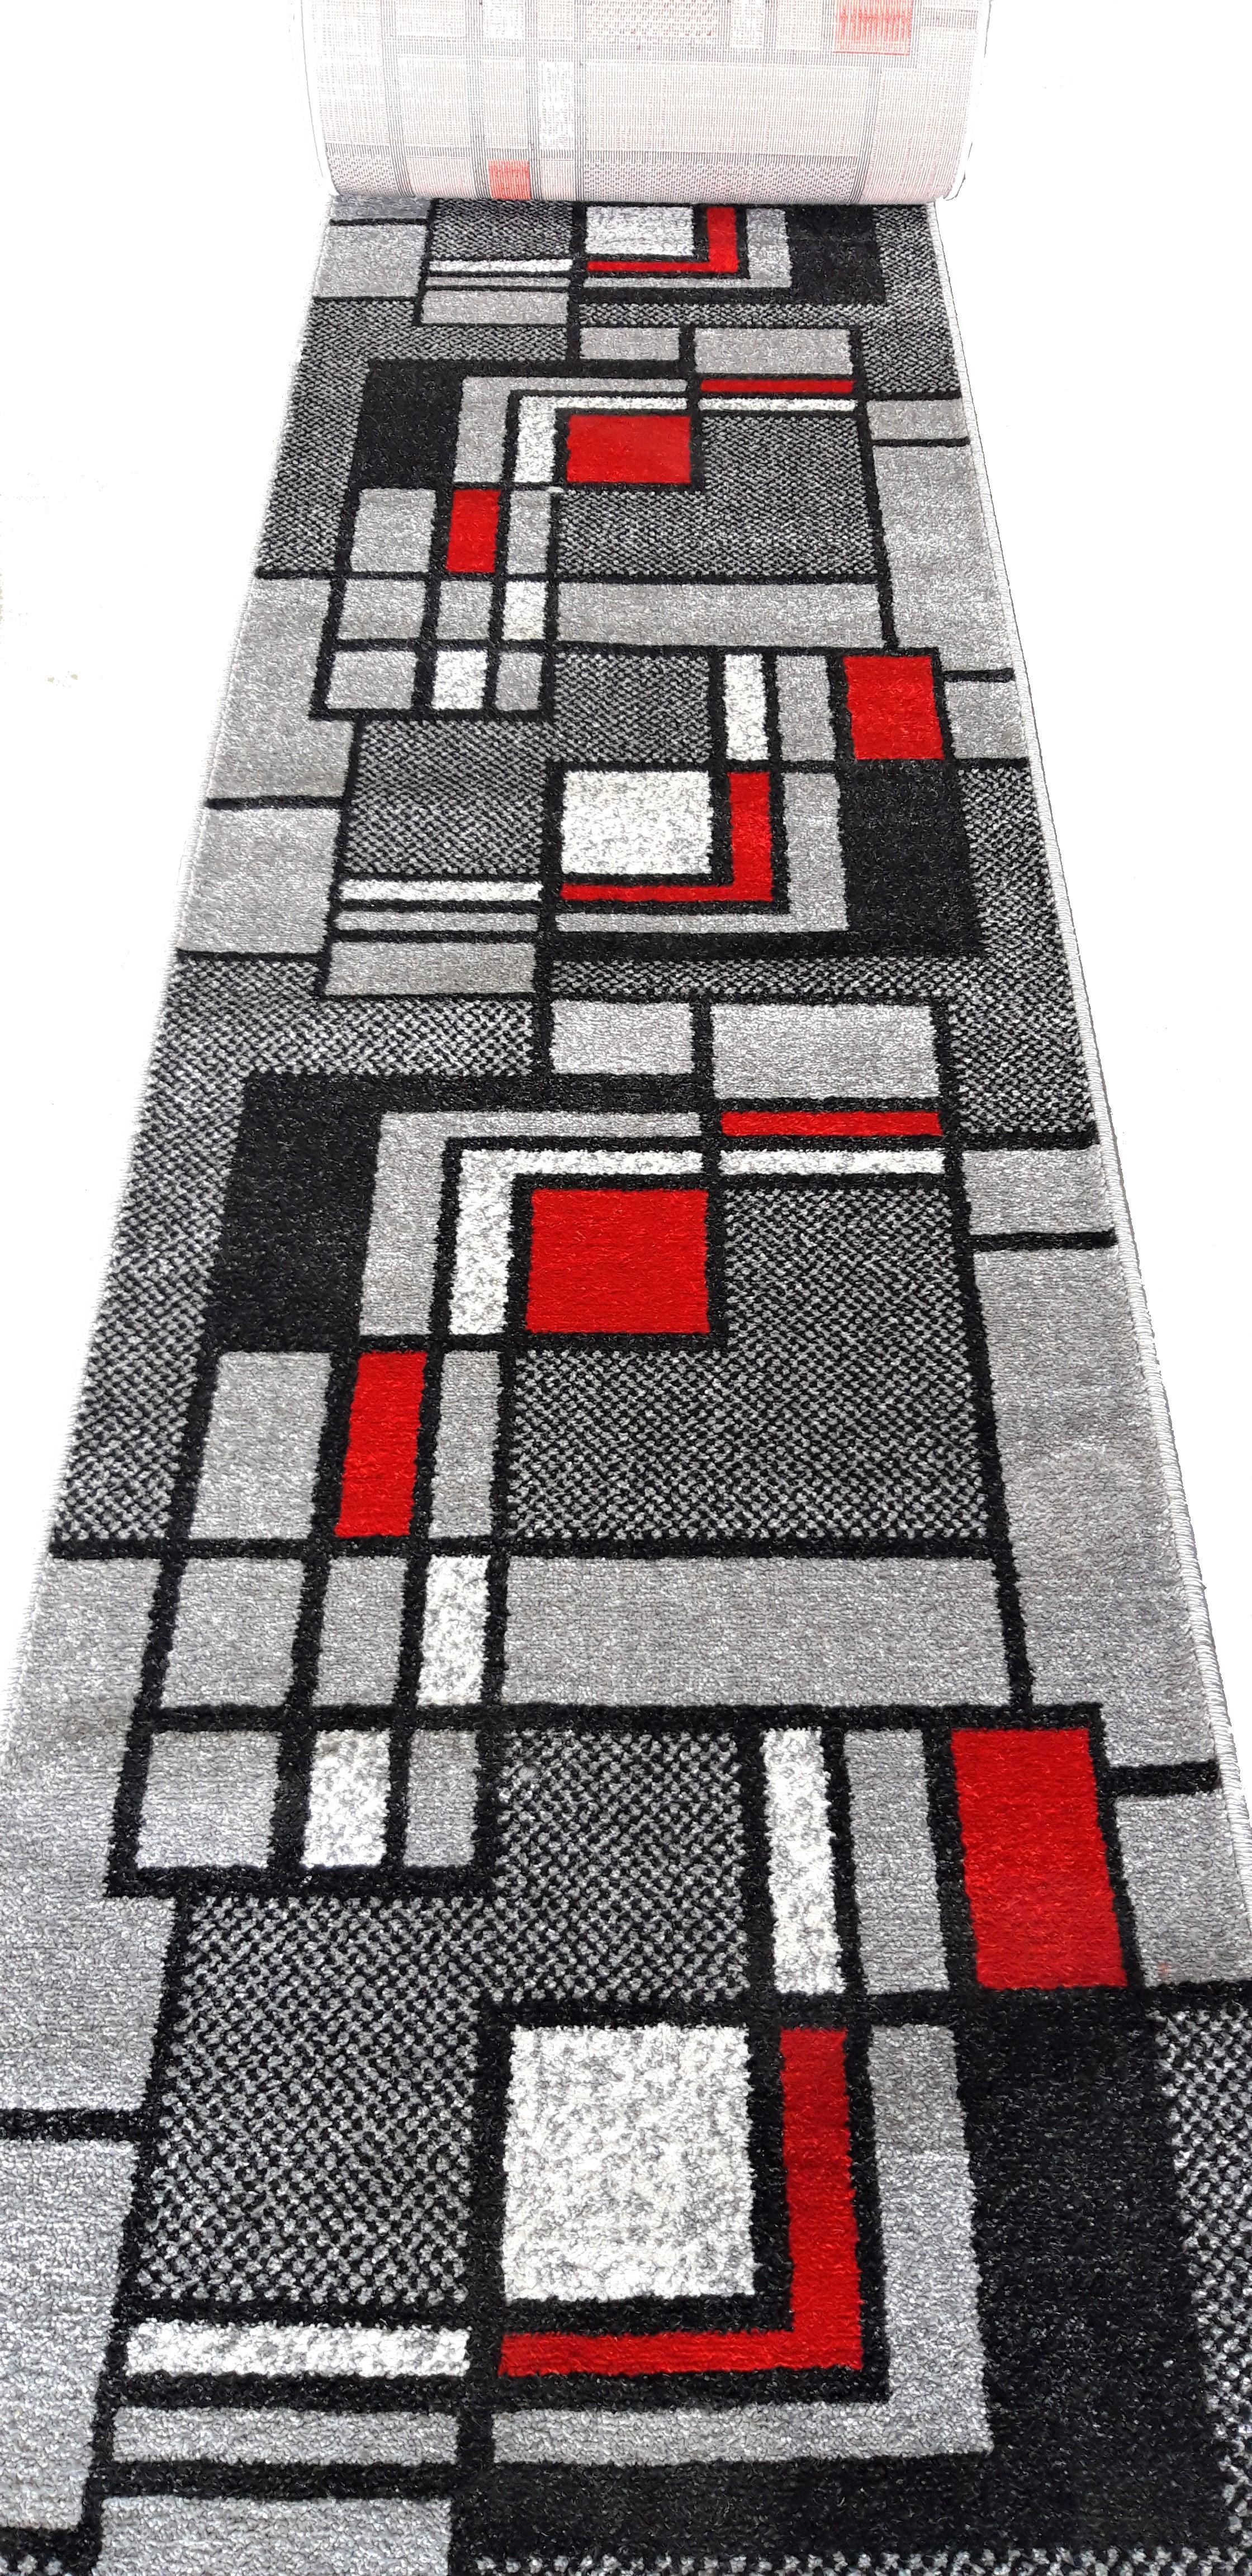 Traversa Covor, Cappuccino 16406, Multicolor, 80x600 cm, 1700 gr/mp, 0.8x6 m. 1